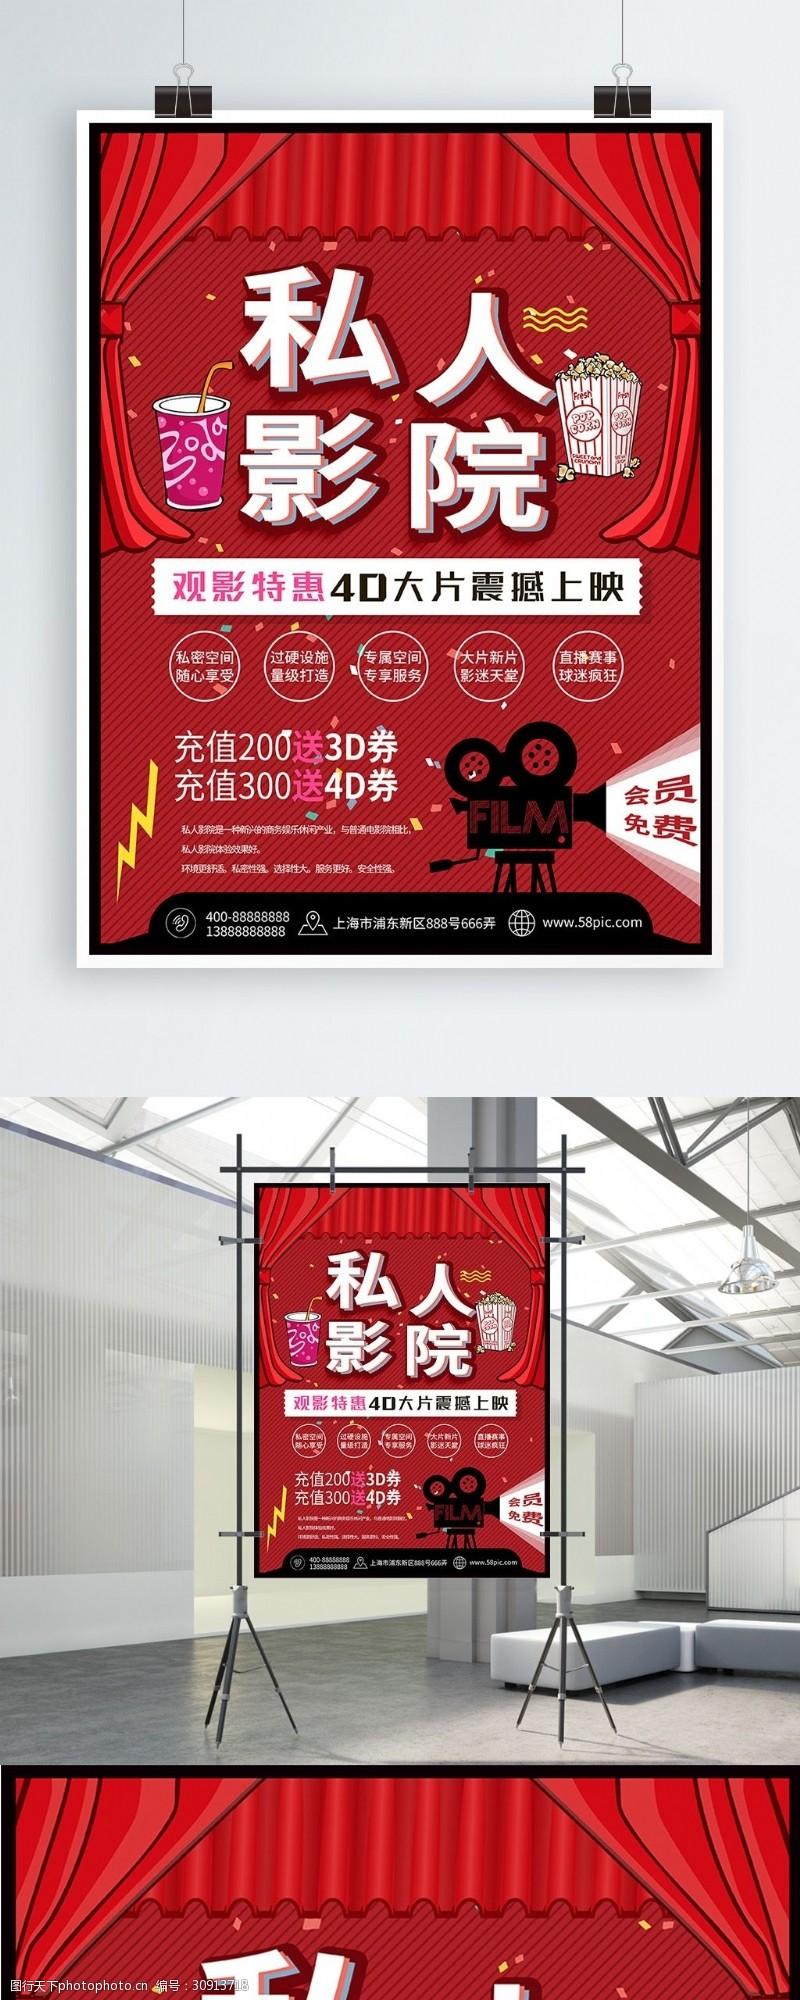 私人影院观影宣传商业海报